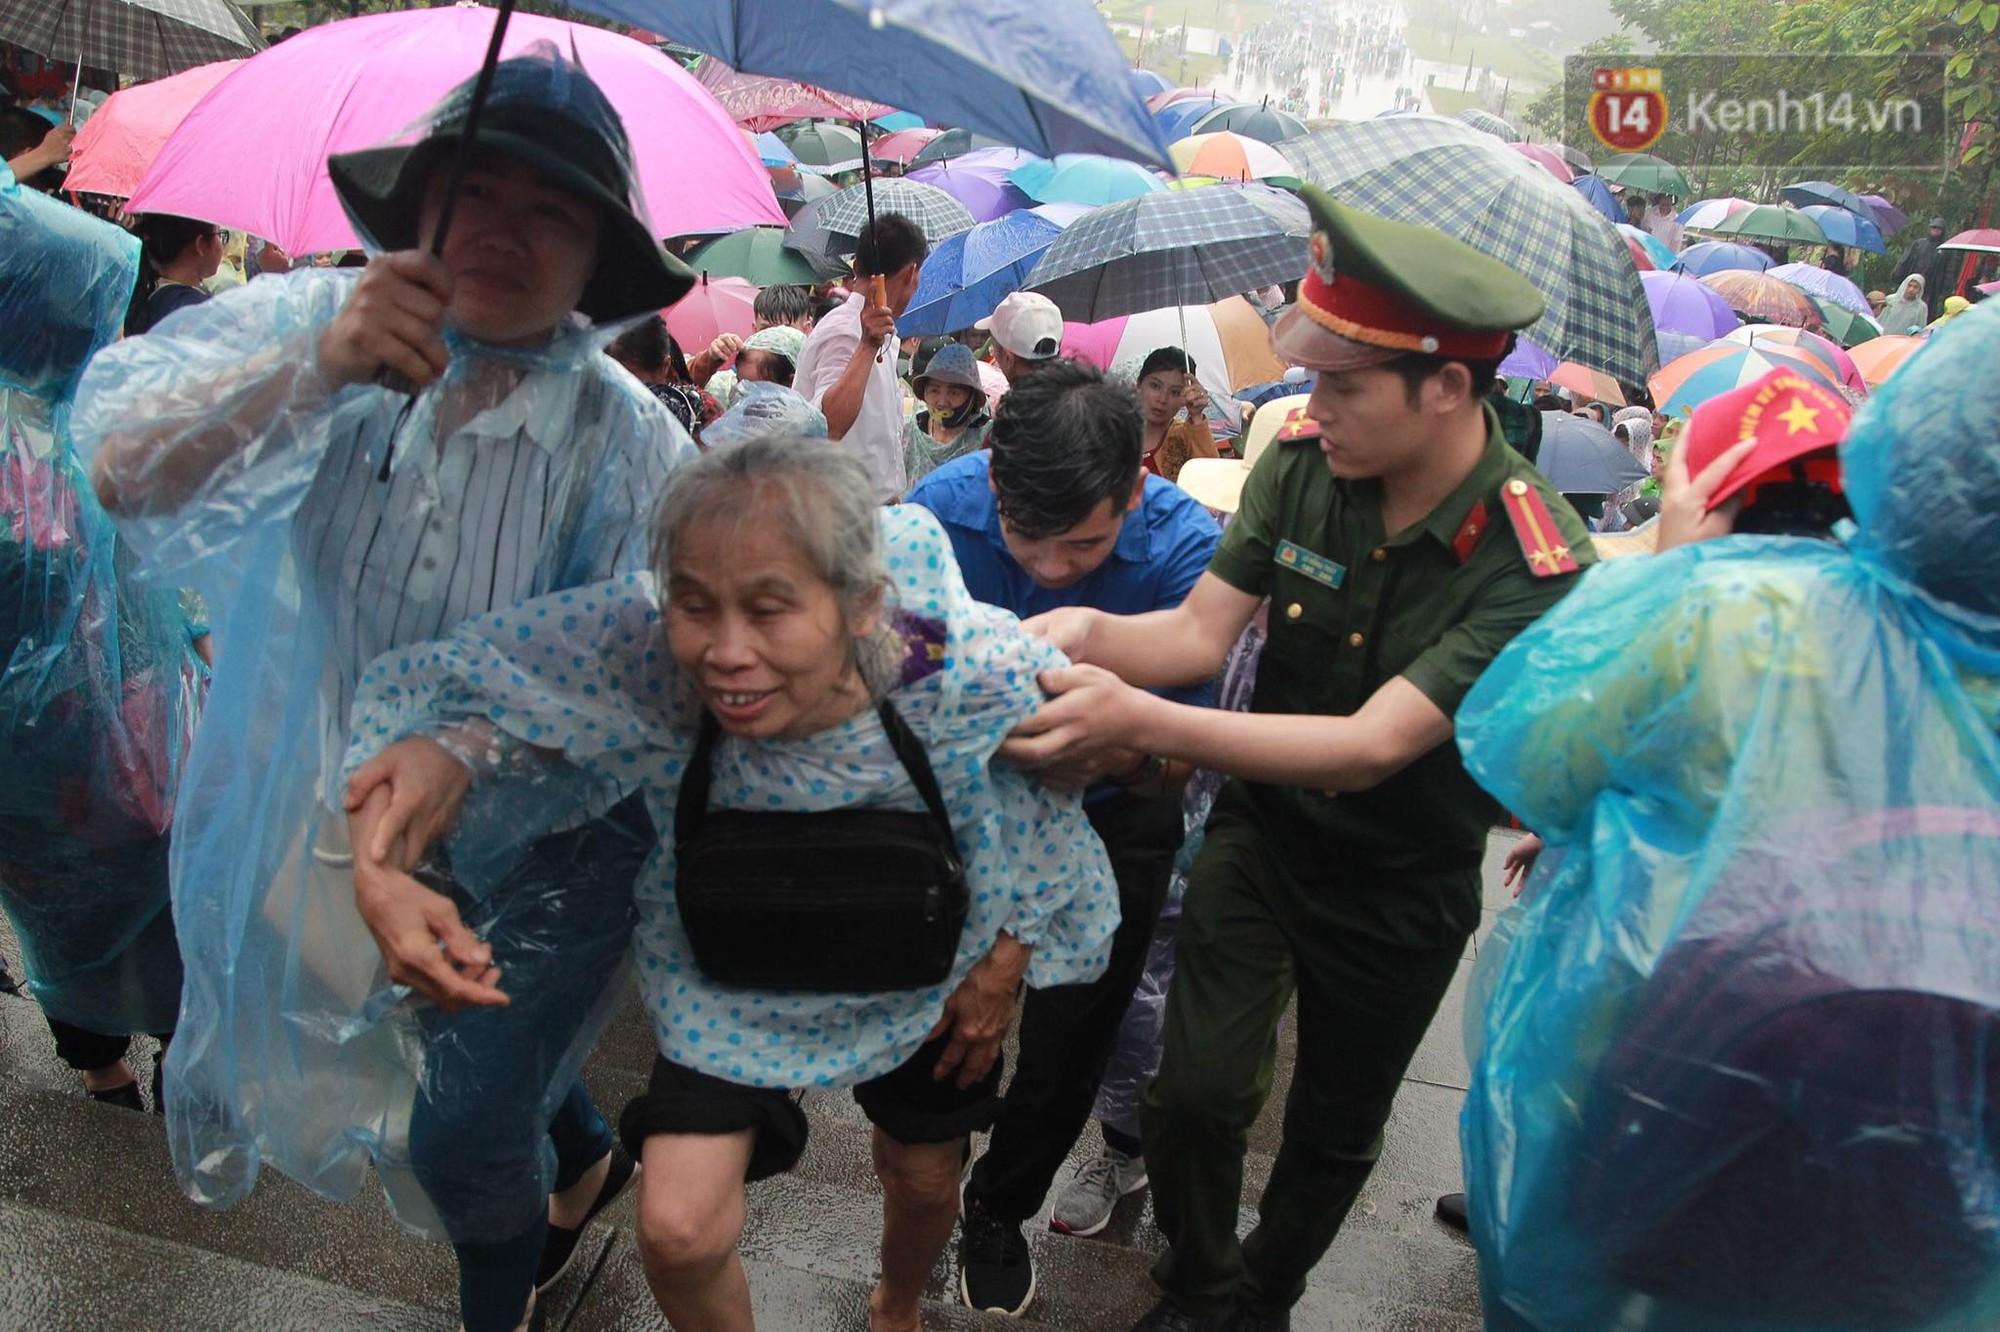 Hàng vạn người dân che ô đi khai hội Đền Hùng, hàng rào sống đứng dưới mưa đảm bảo trật tự 11